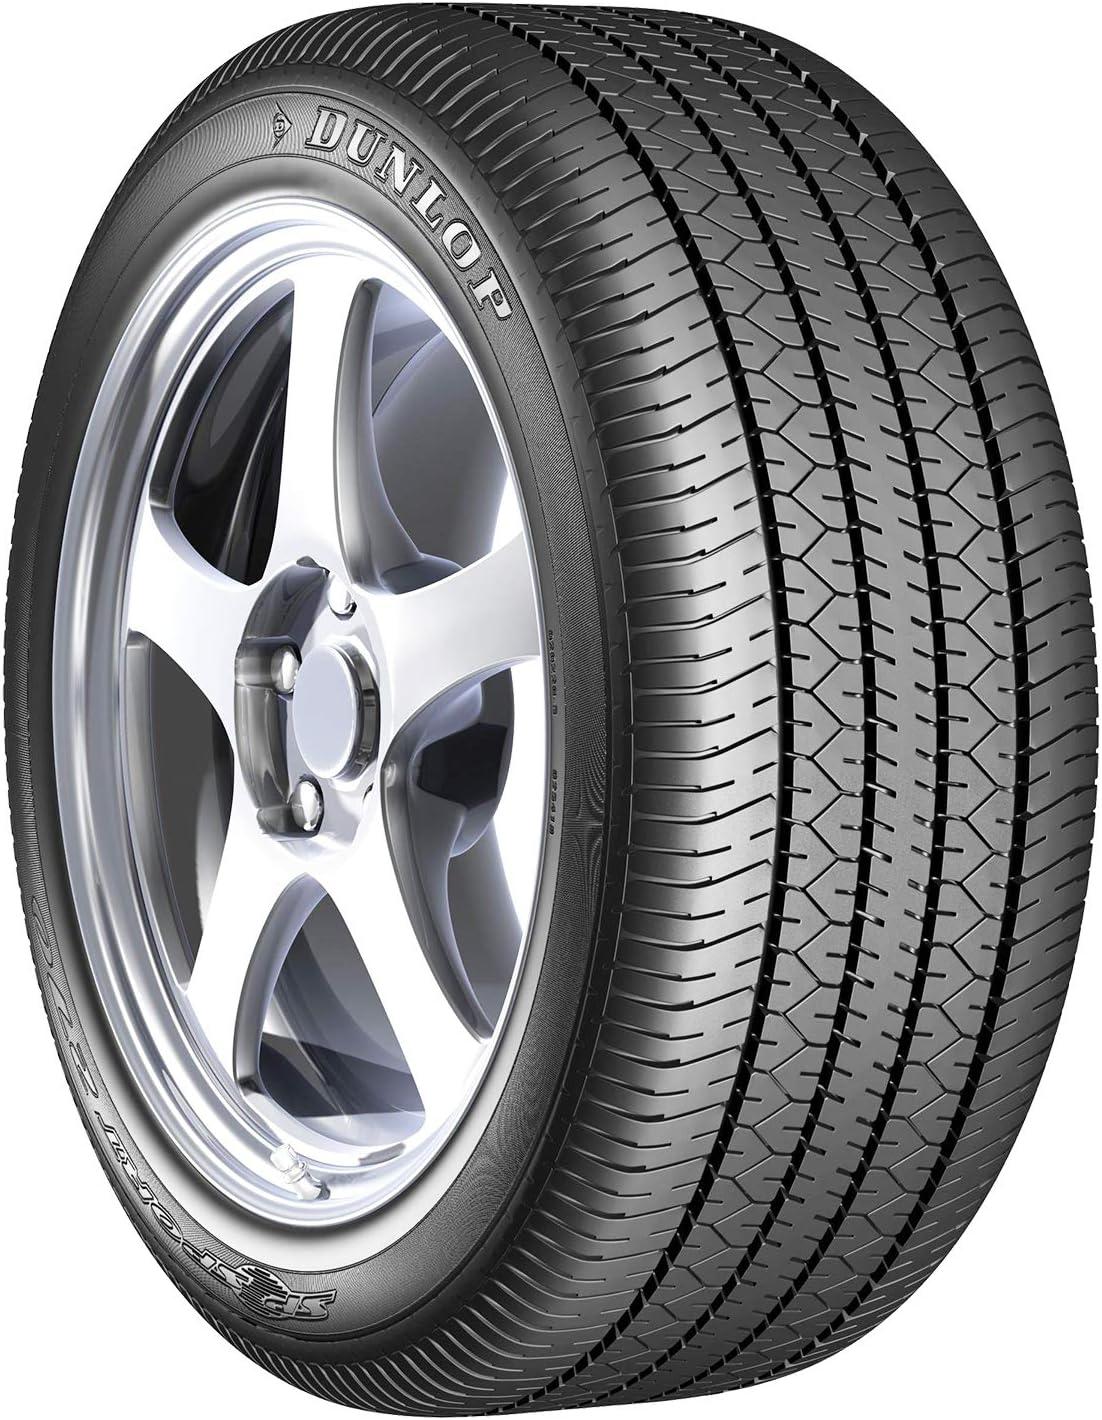 Dunlop Sp Sport 270-235//55//R18 100H E//E//71dB Summer Tyre